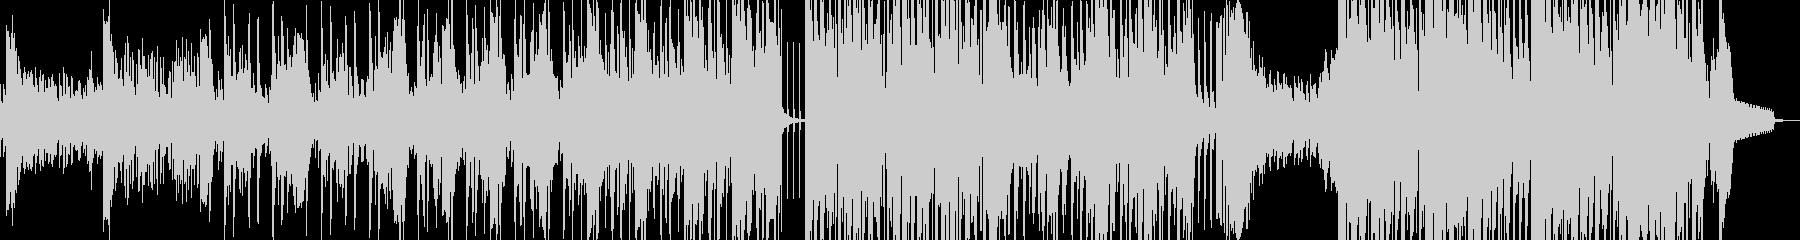 スリラー・民族調ダークヒップホップ 短尺の未再生の波形